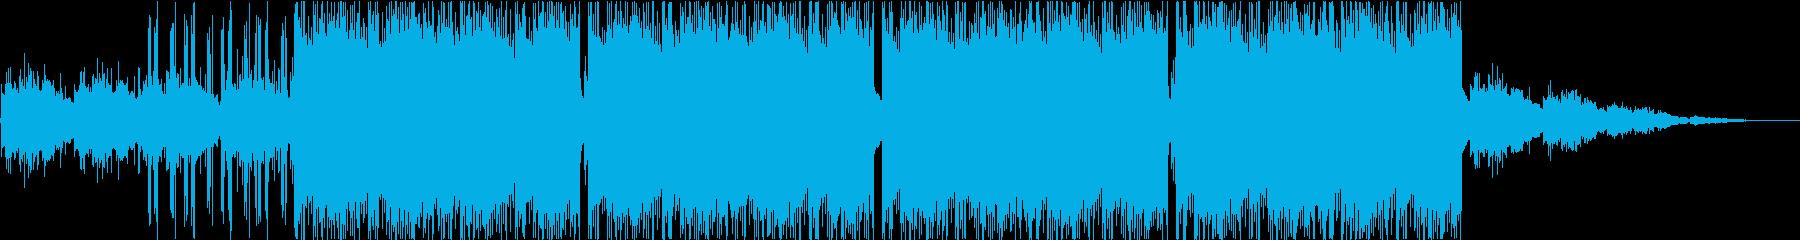 チルアウト、ヒップホップ、背景の再生済みの波形